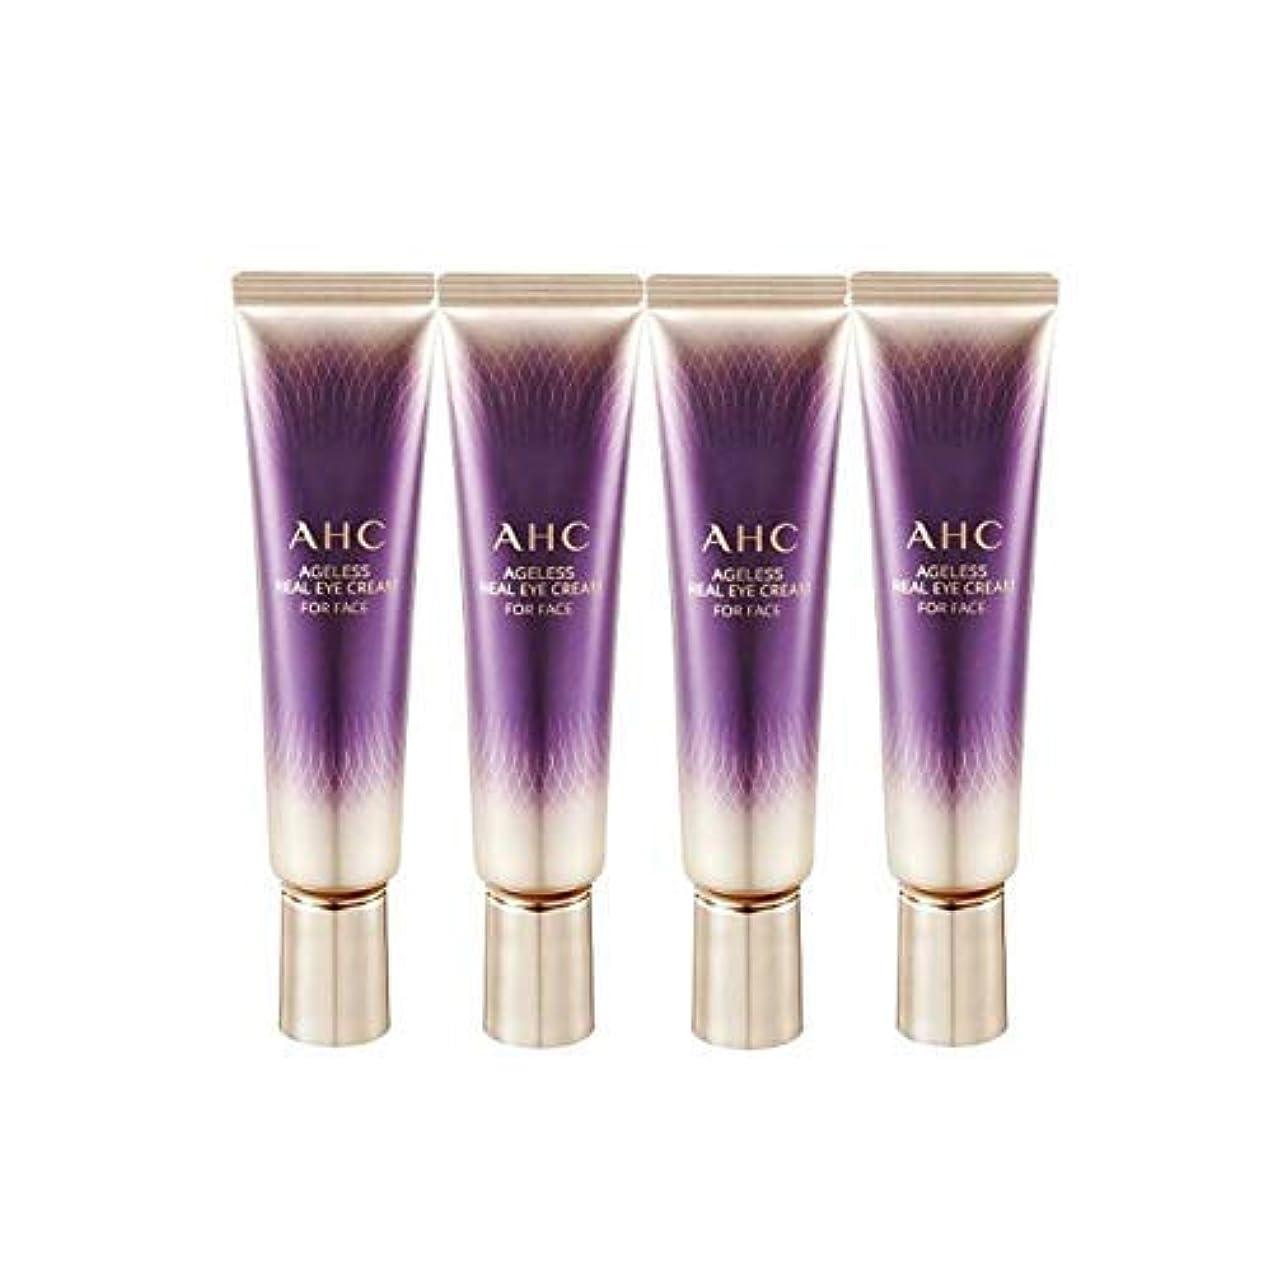 進化する骨折緩やかなAHC 2019 New Season 7 Ageless Real Eye Cream for Face 1 Fl Oz 30ml x 4 Anti-Wrinkle Brightness Contains Collagen